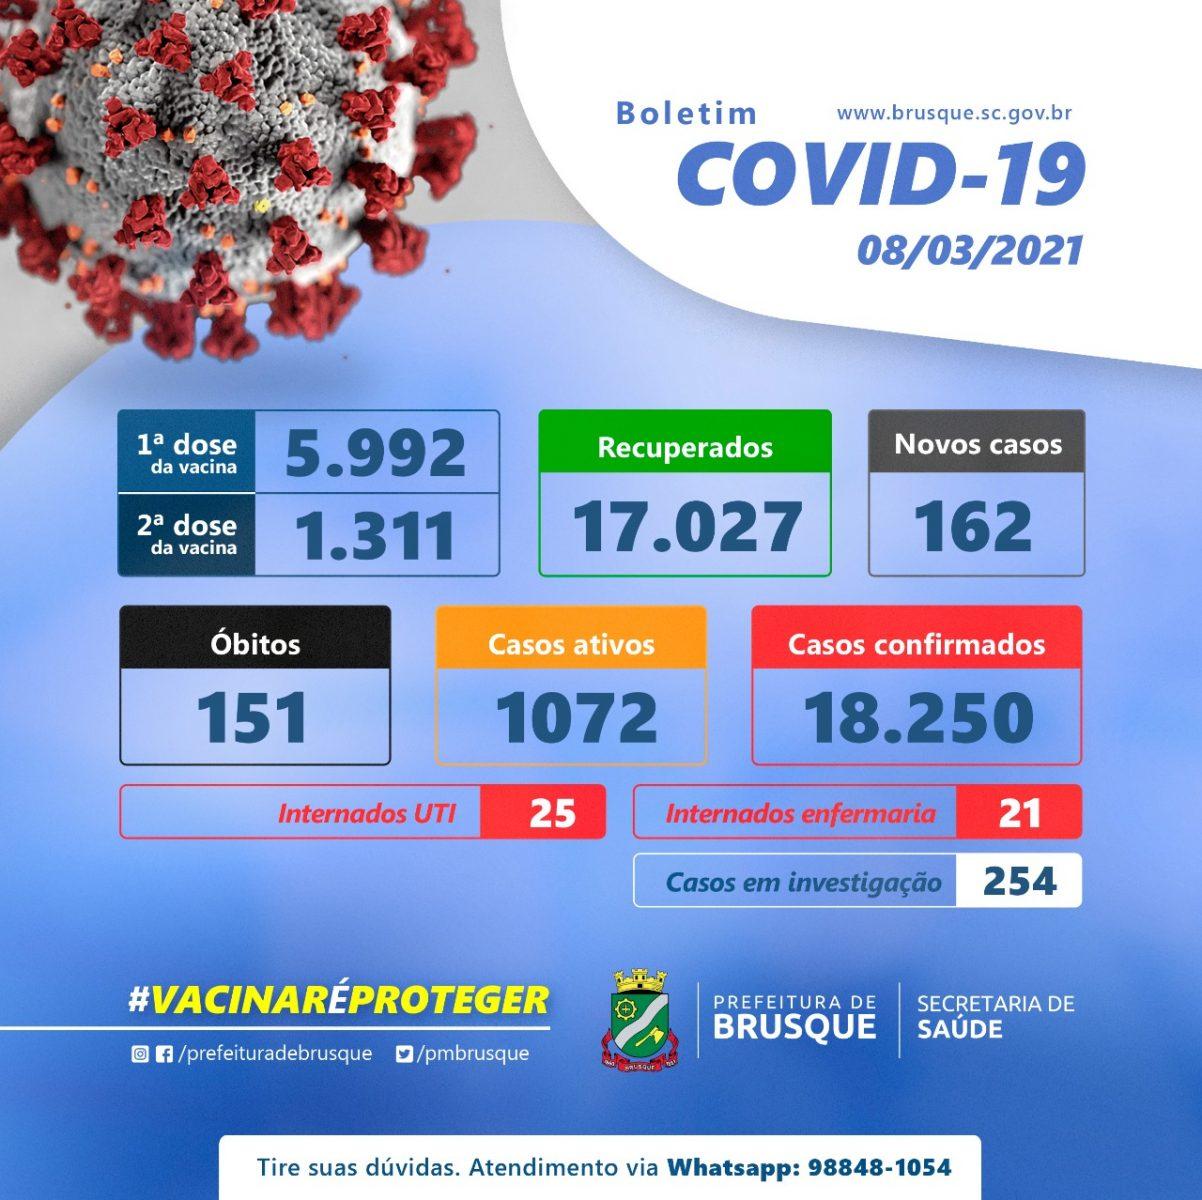 Boletim Covid-19: Nas últimas 24 horas foram registrados 162 novos casos da doença